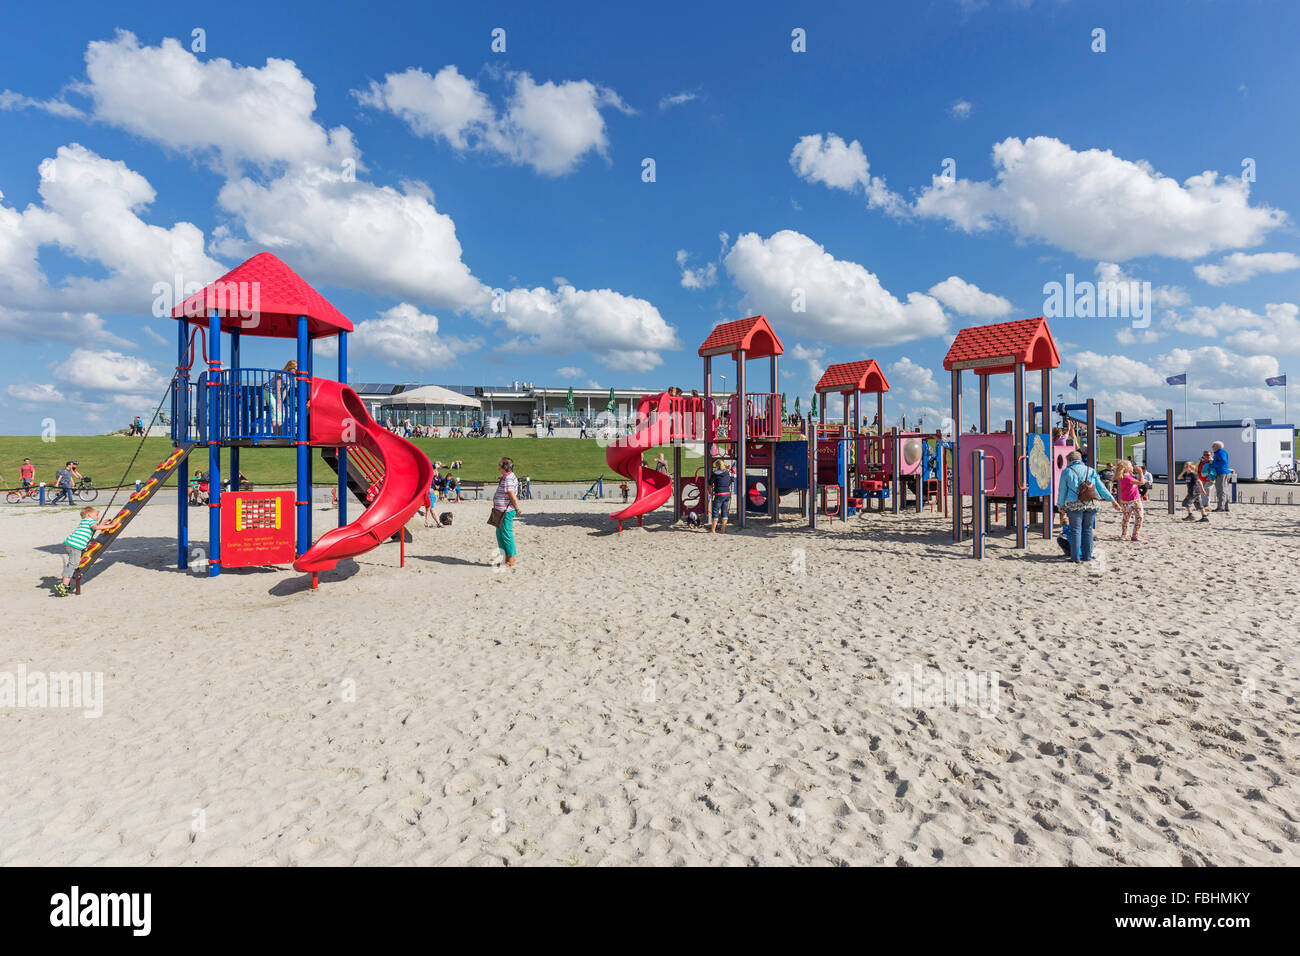 Kinderspielplatz Im Hintergrund Restaurant Wattkieker Harlesiel Stockfotografie Alamy